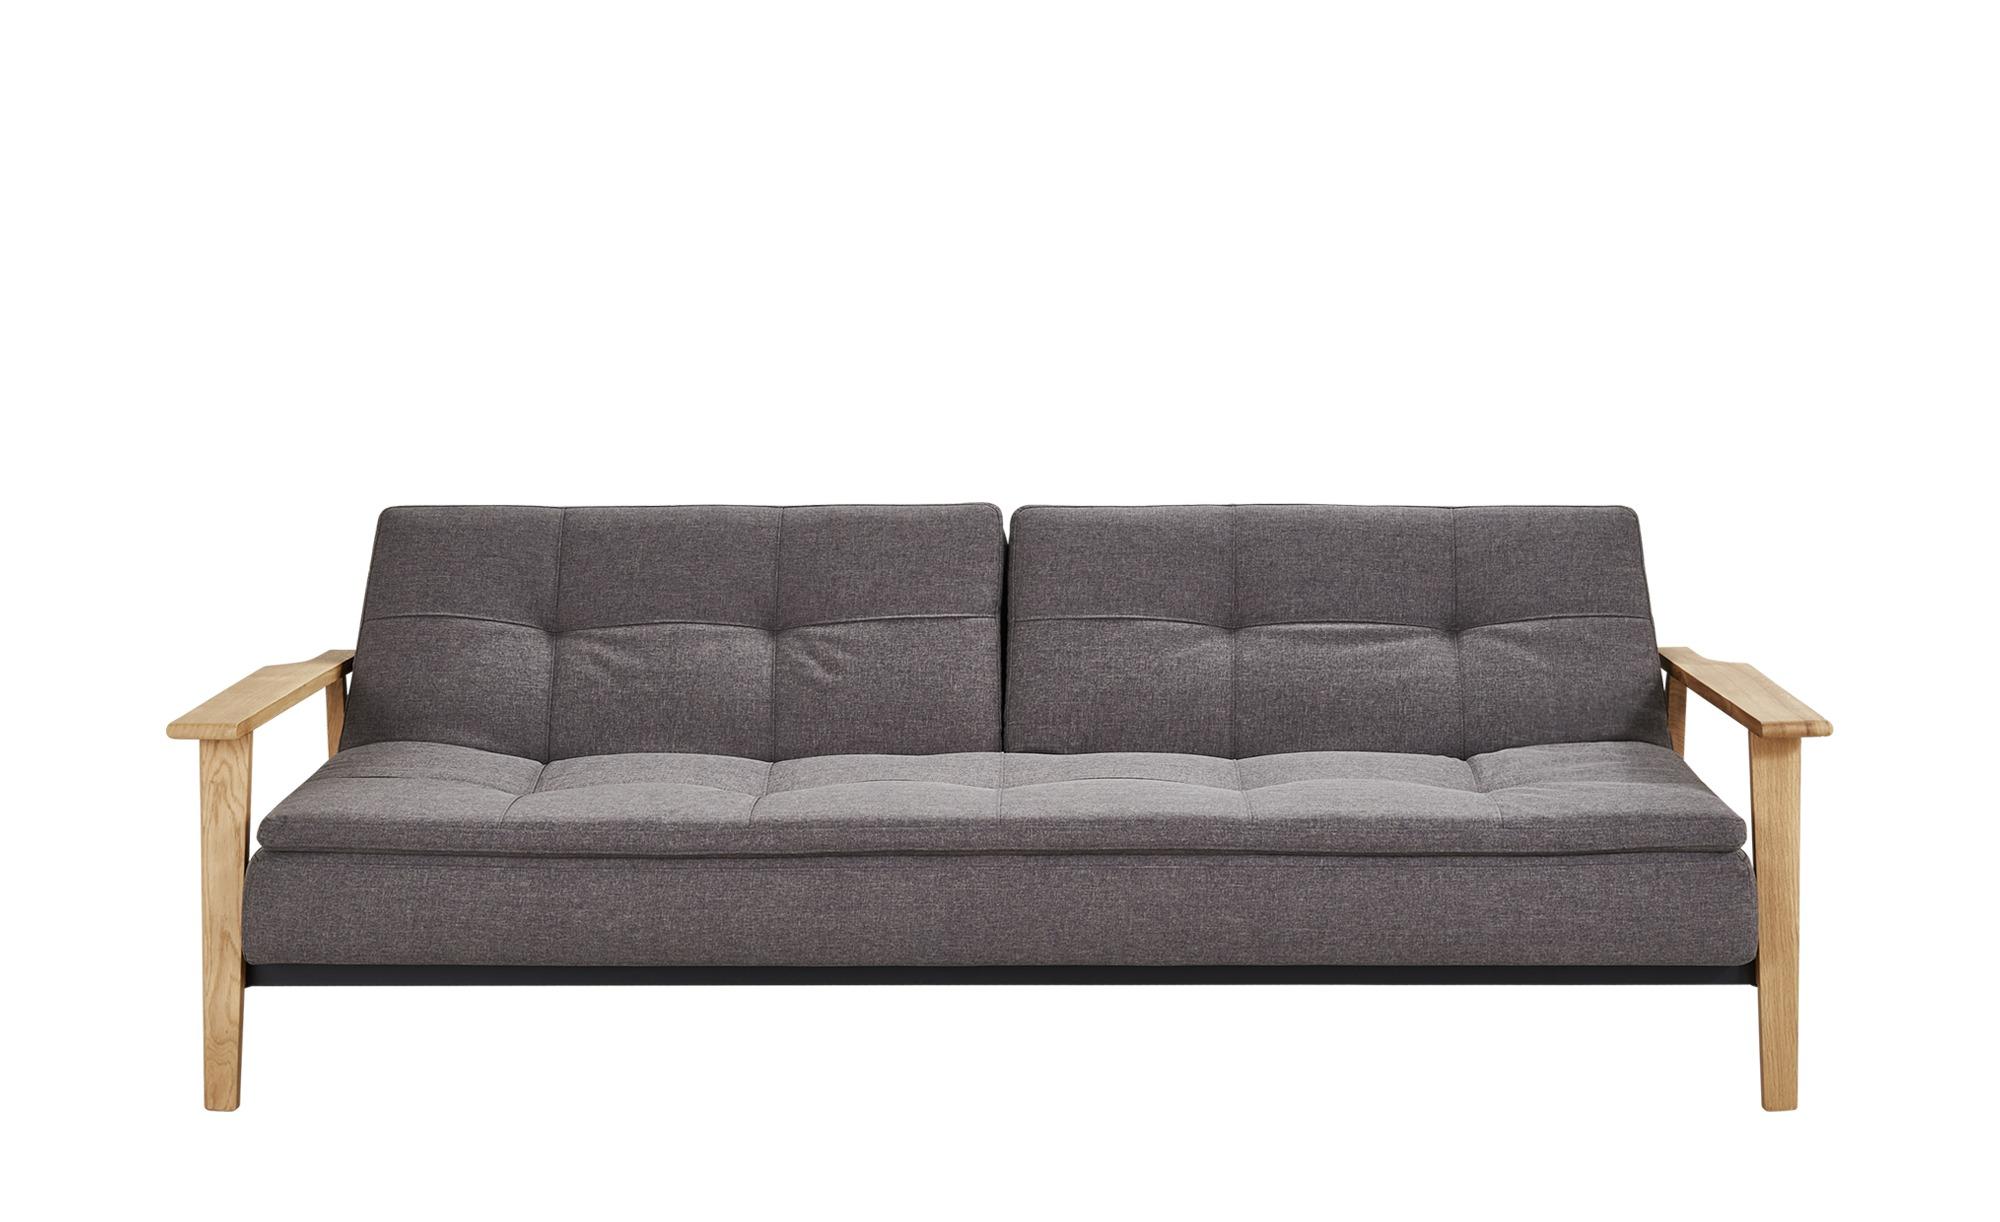 Design-Schlafsofa dunkelgrau - Webstoff Stratos ¦ grau ¦ Maße (cm): B: 232 H: 79 T: 115 Polstermöbel > Sofas > Einzelsofas - Höffner